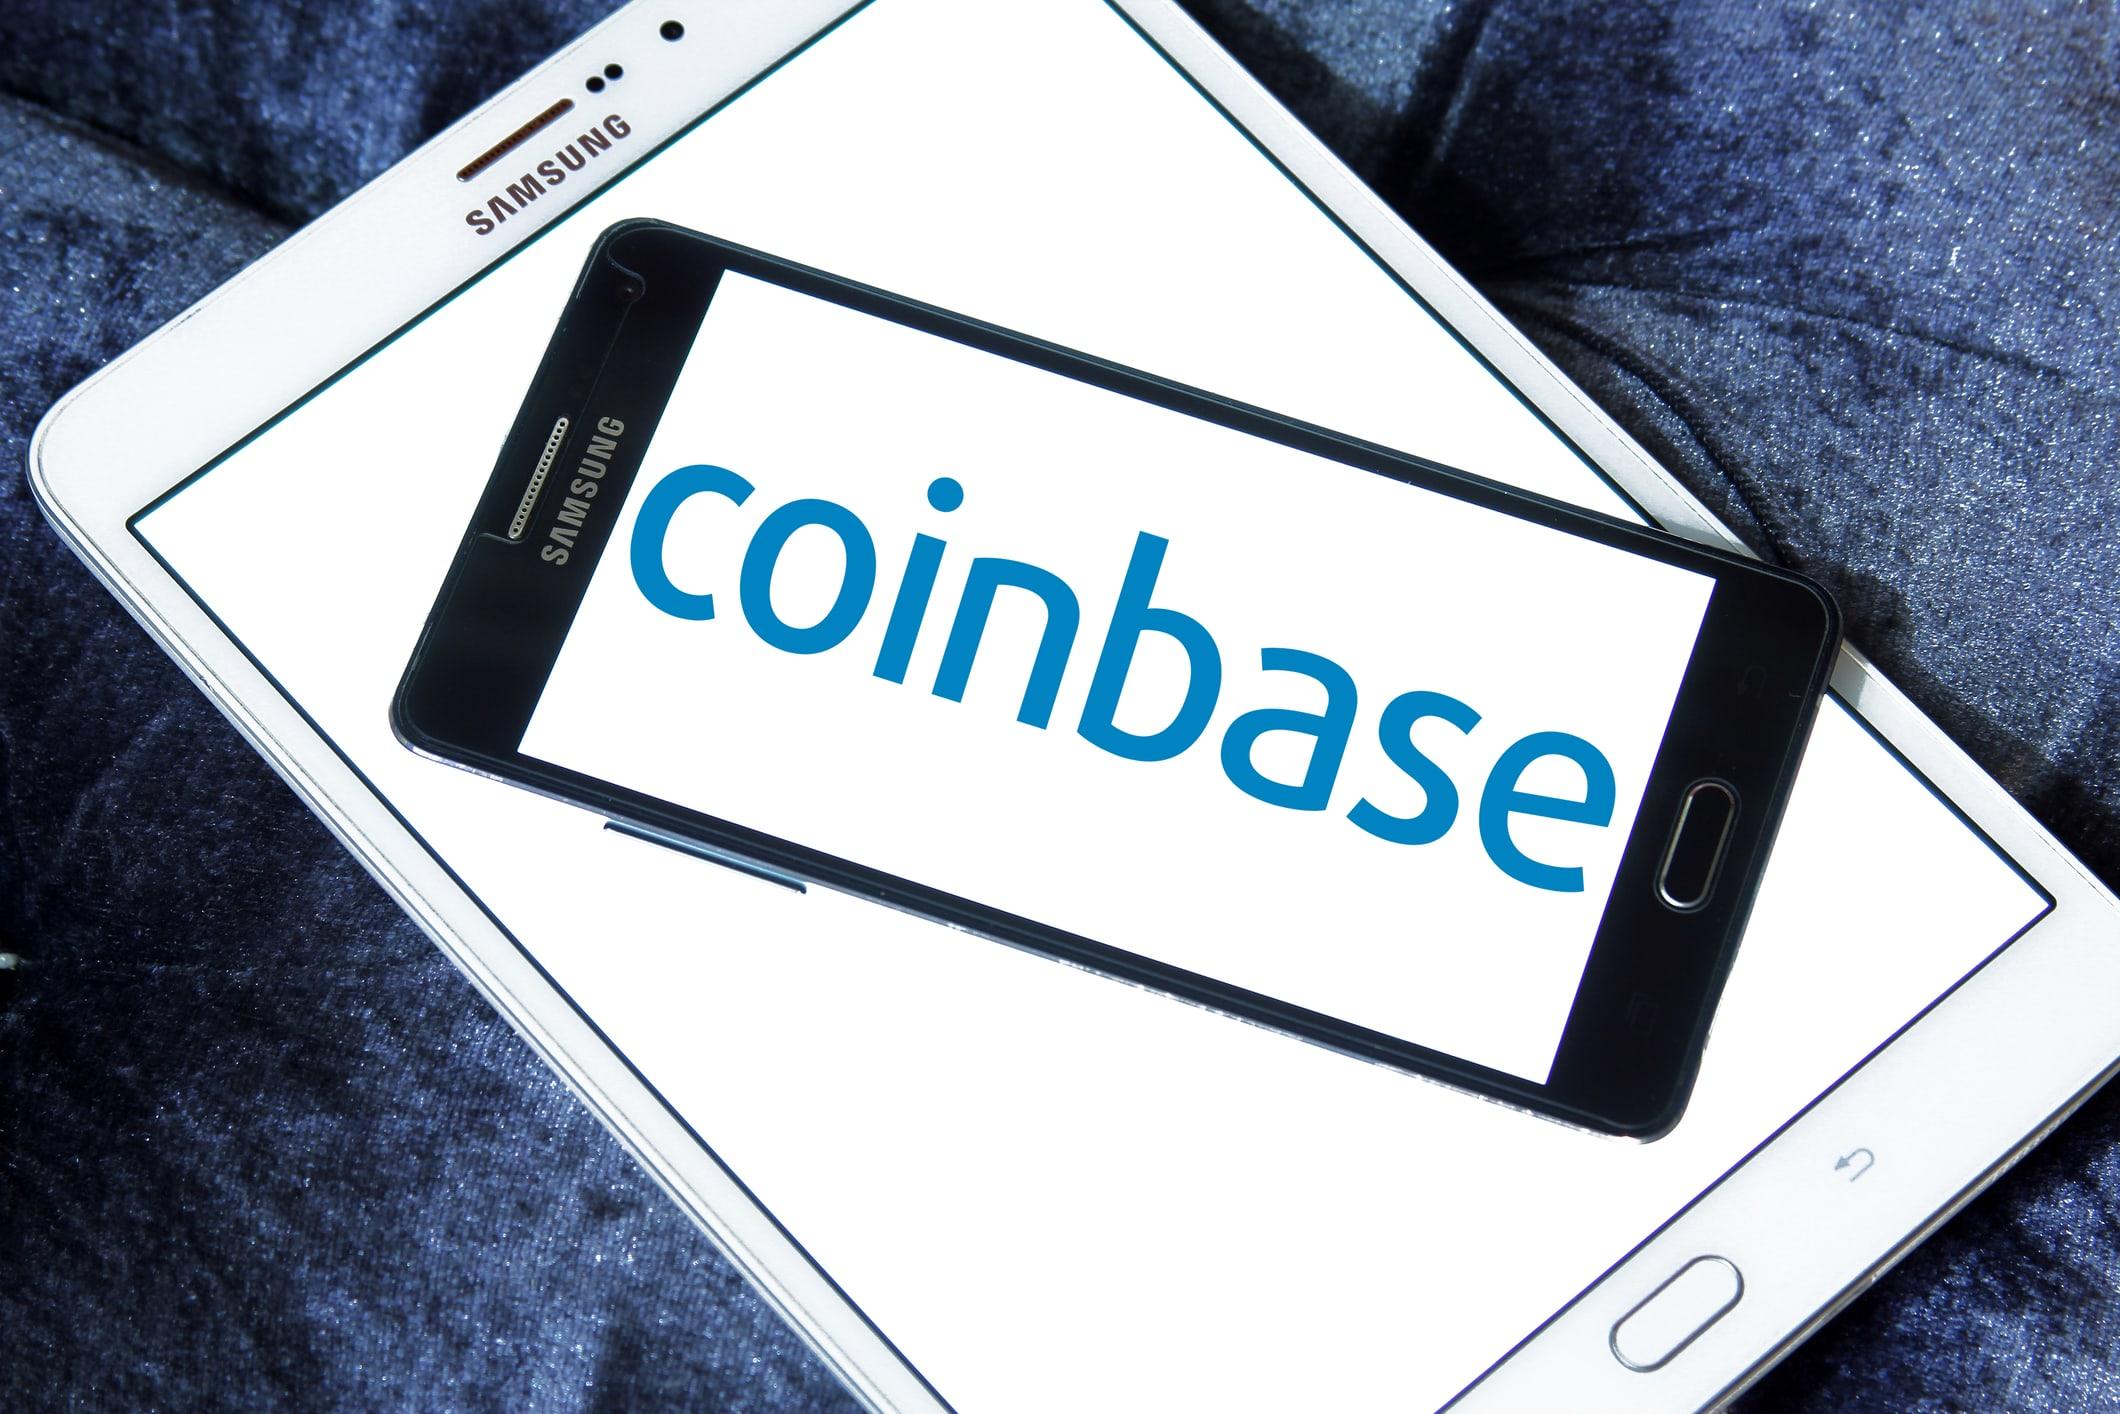 Coinbase Custody supporta Tezos e offre un reddito passivo